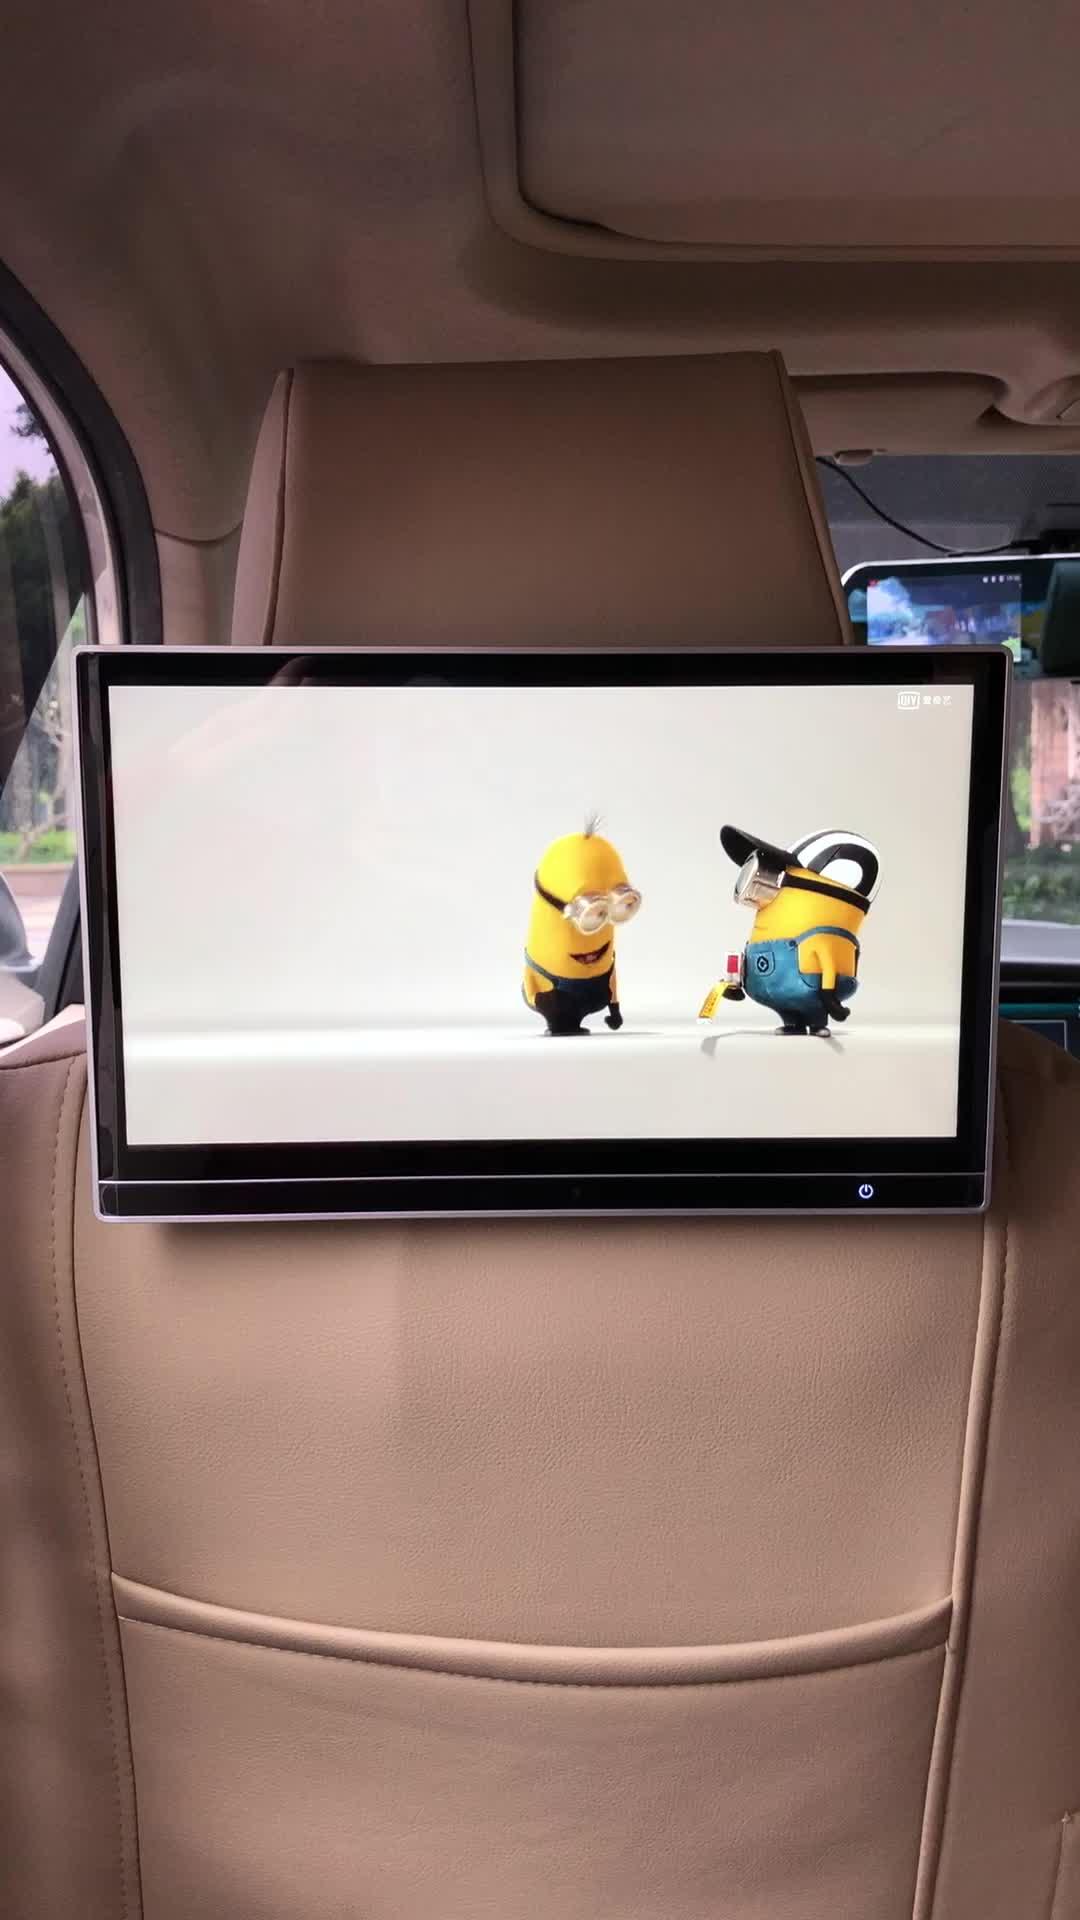 2020 Novo Android 8.1 Telas Traseiras Para BMW Video Player Encosto De Cabeça Monitor Do Carro Série 1 2 3 4 5 6 7 8X4X5X6 GT i3 i8 M2 M3 M4 M5